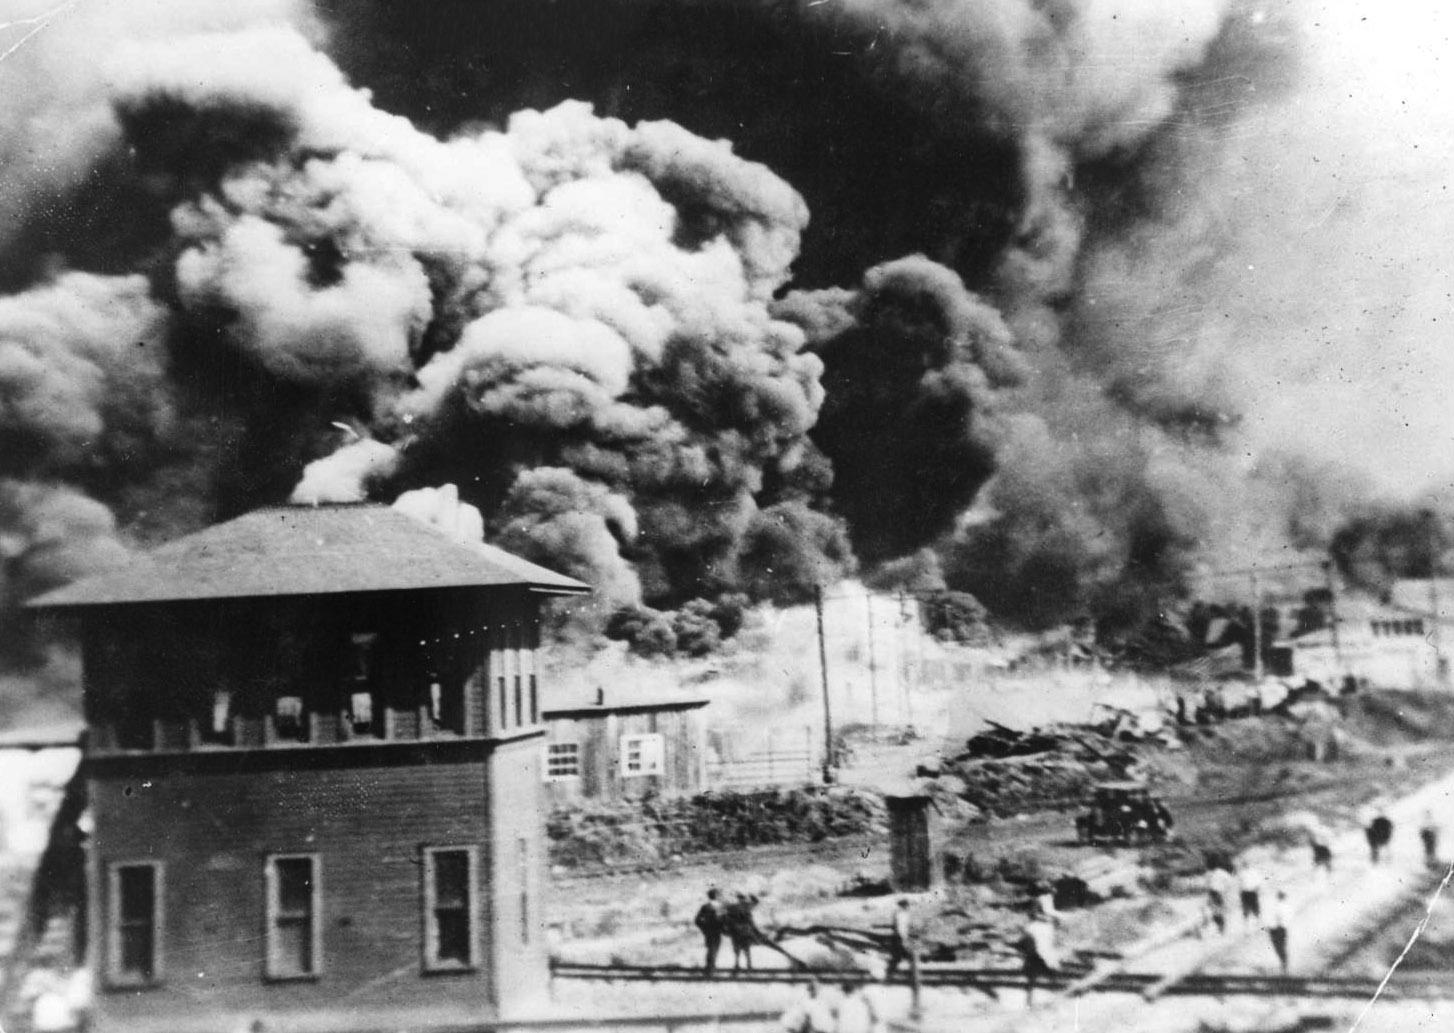 KGOU Readers Club - Tulsa 1921: Reporting a Massacre | KGOU